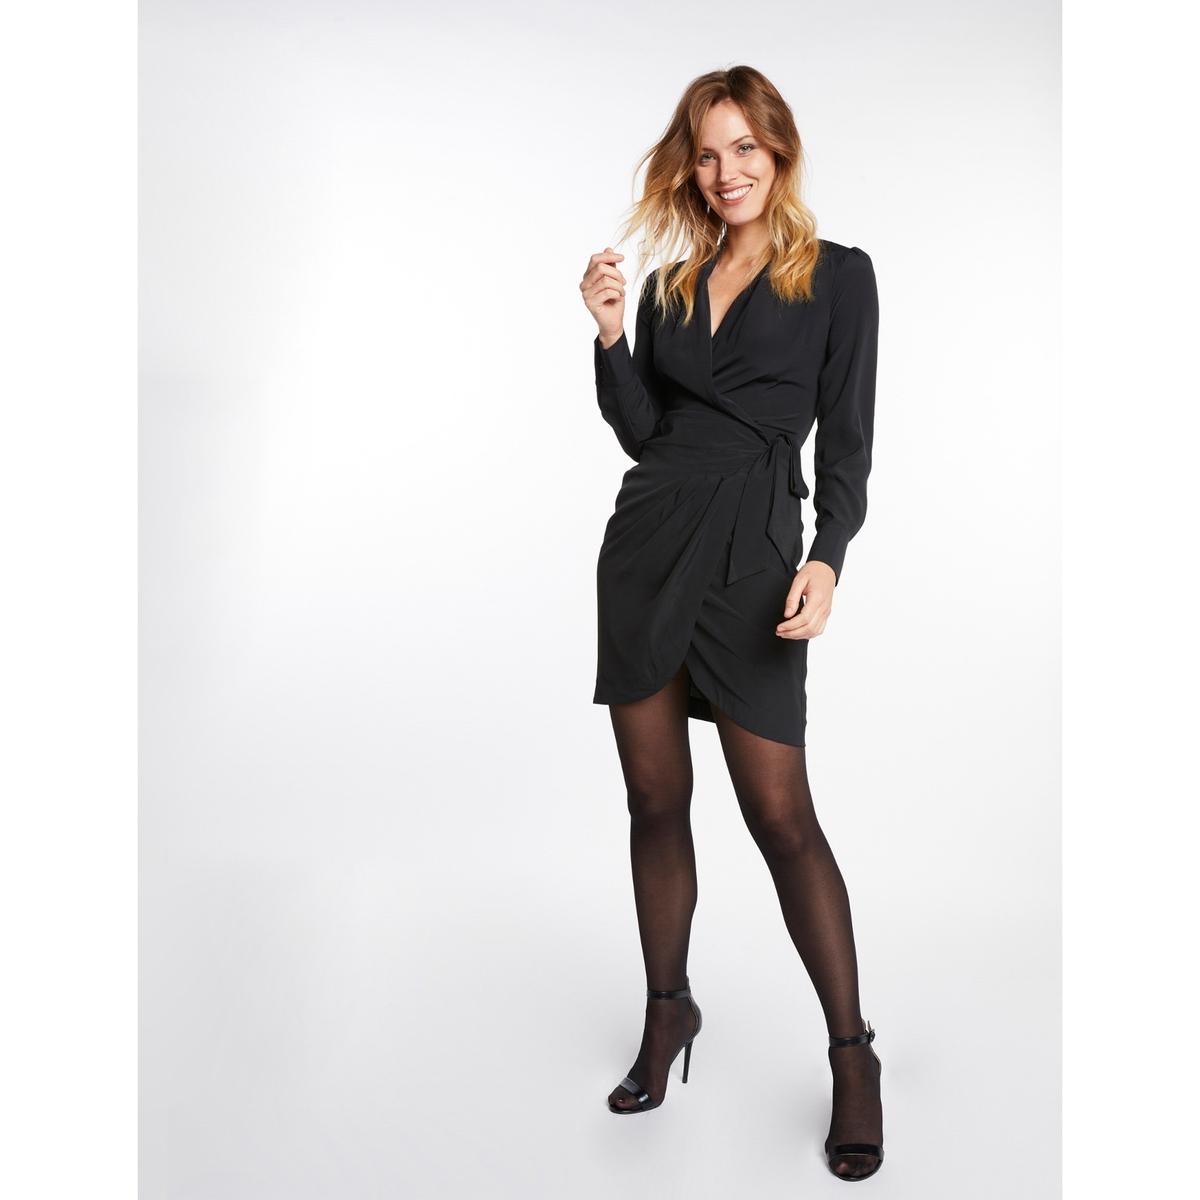 Платье La Redoute Короткое с запахом с длинными рукавами 42 (FR) - 48 (RUS) черный платье la redoute короткое с запахом с длинными рукавами 42 fr 48 rus черный